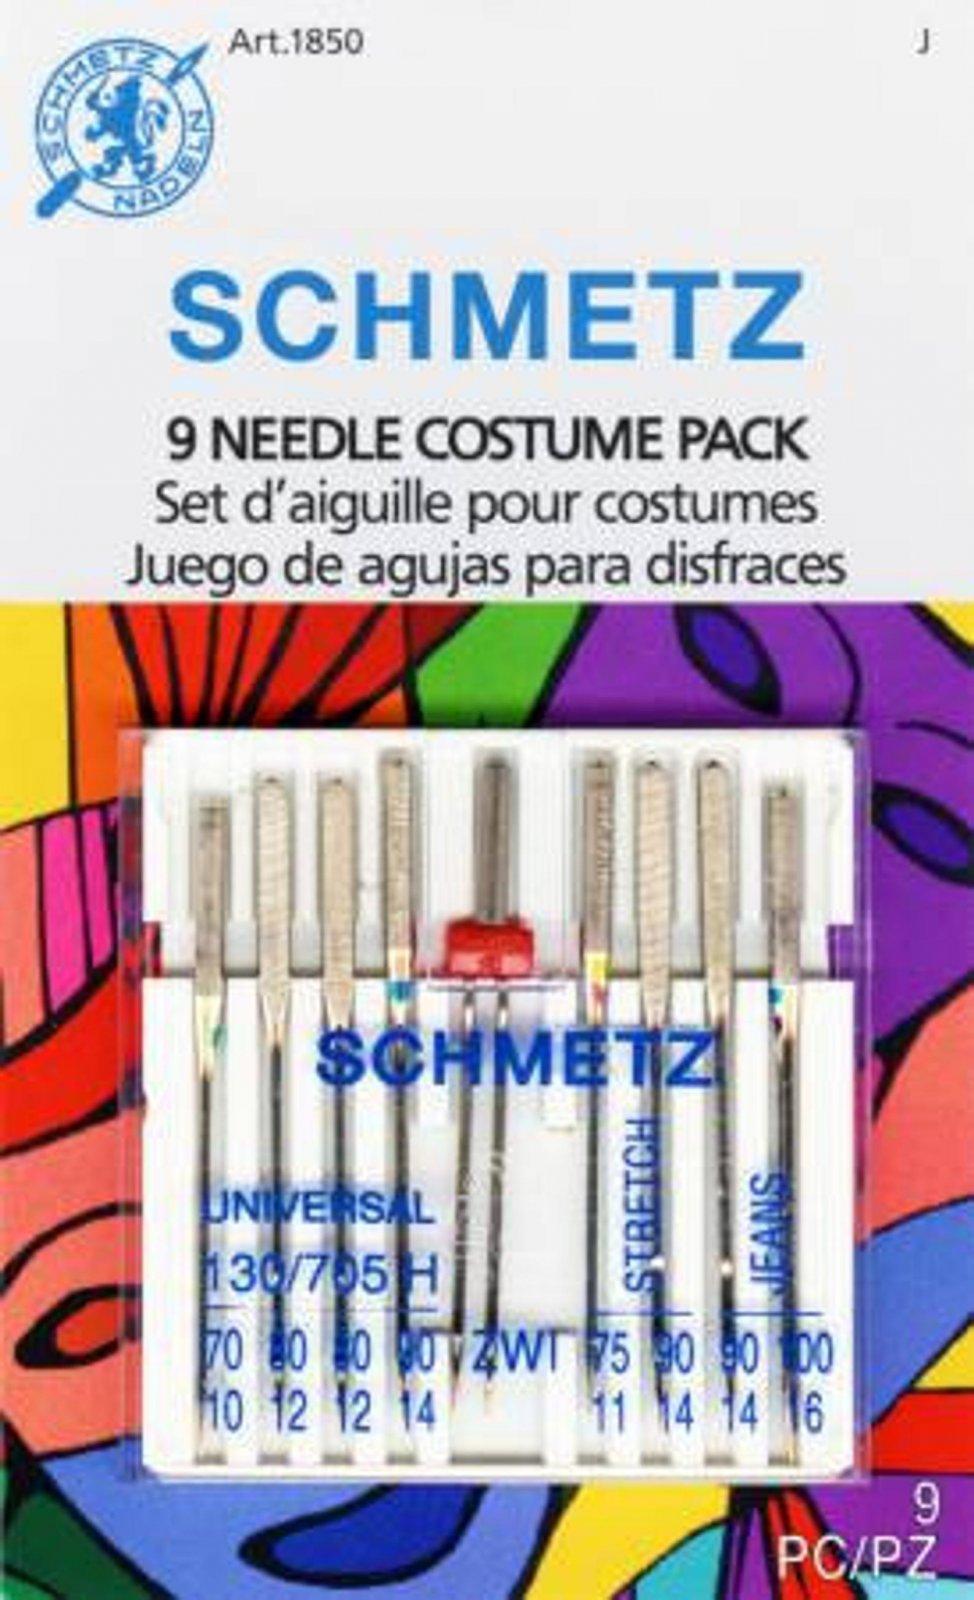 Schmetz 9 Needle Costume pack